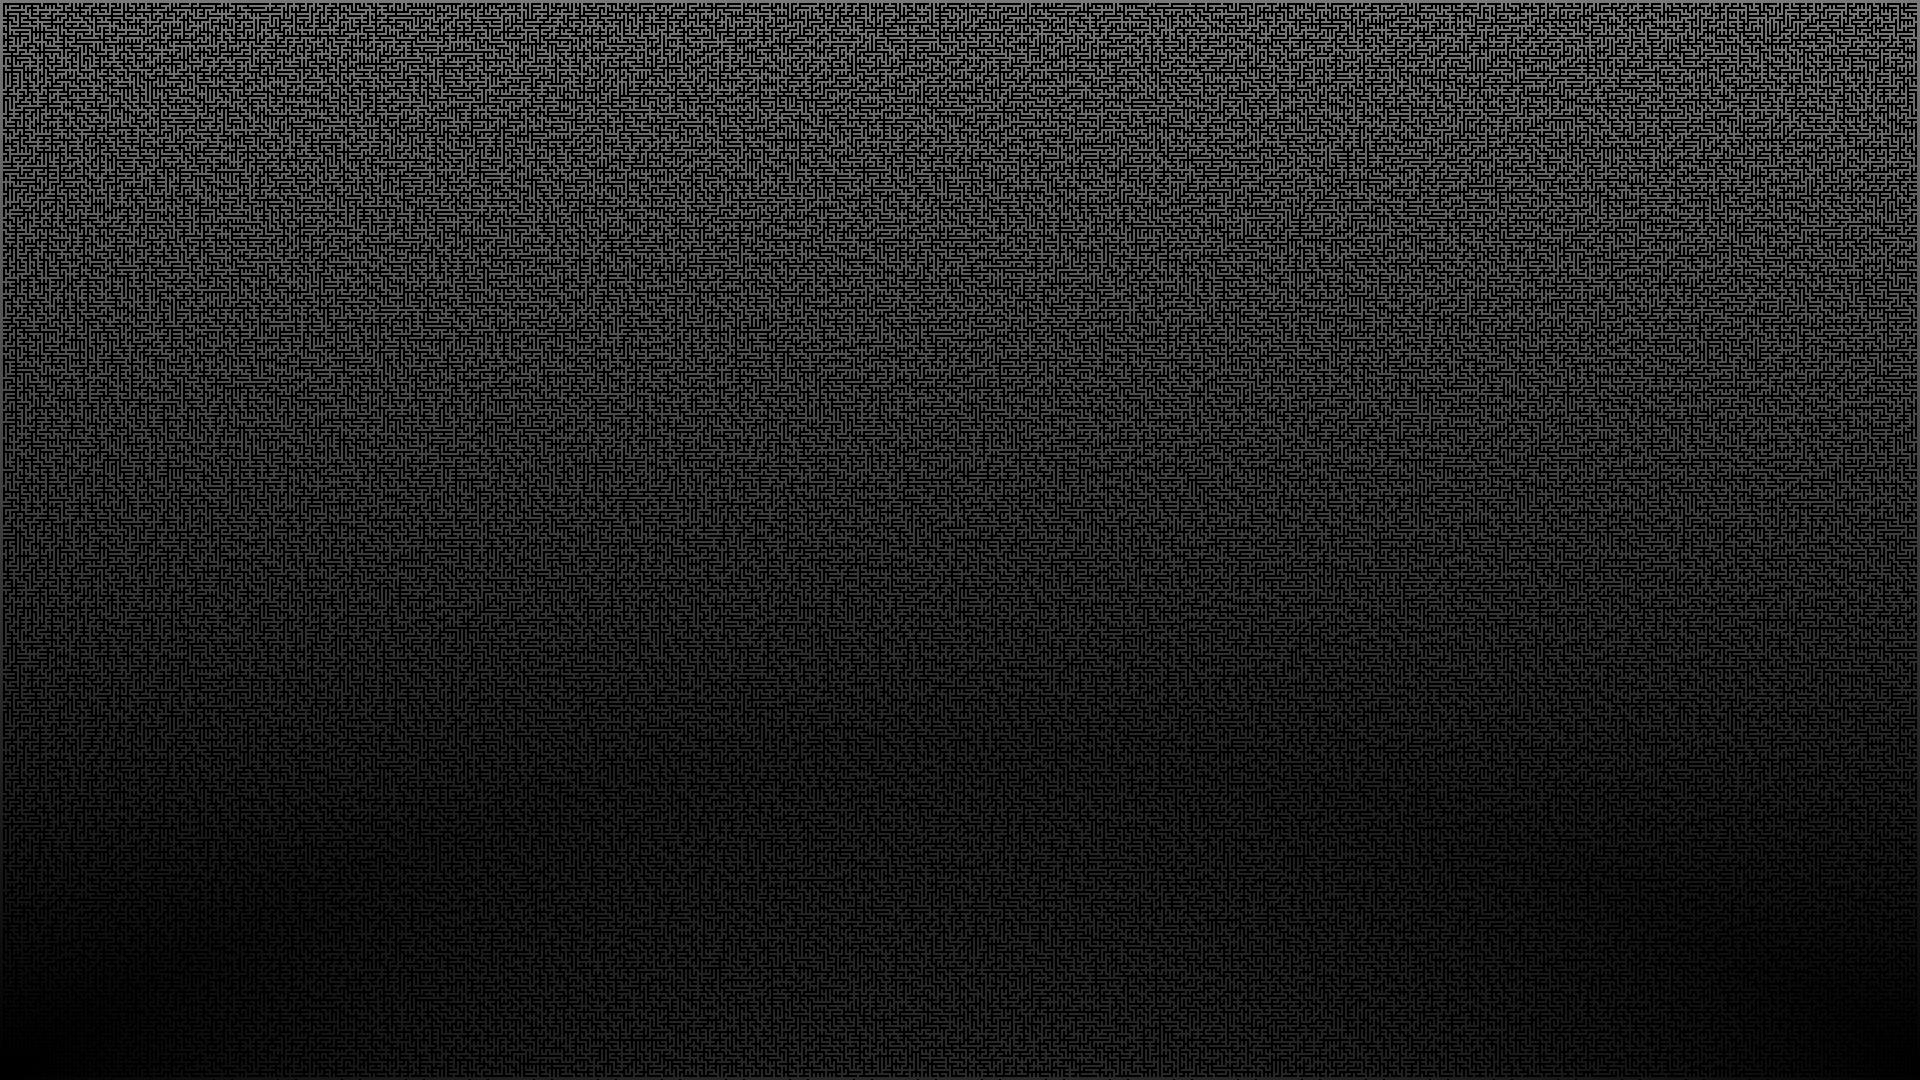 maze background by caseycole11 on deviantart